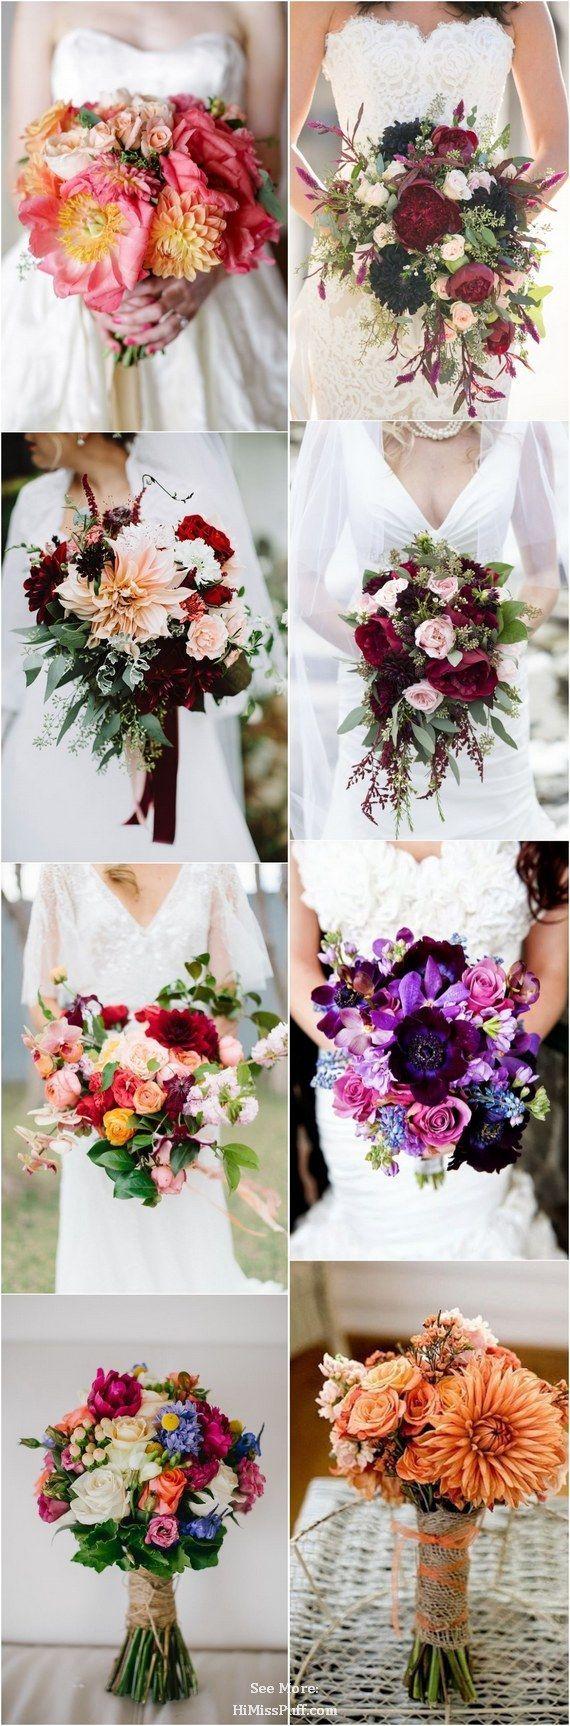 best bouquets images on pinterest bridal bouquets casamento